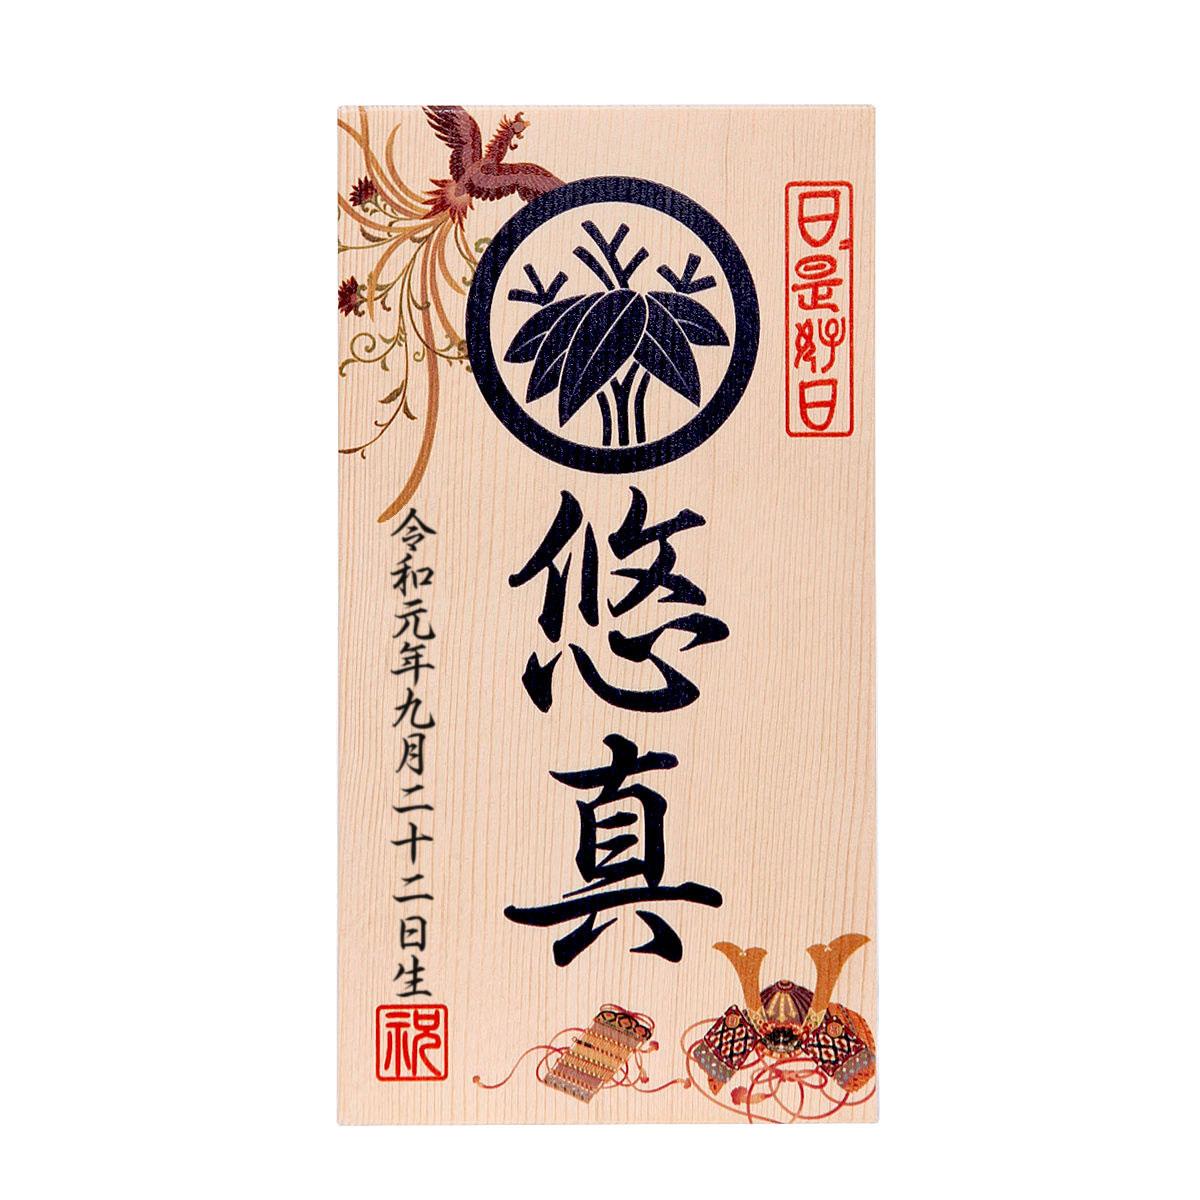 オルゴール付き立札 家紋・名前・生年月日入り 男の子 B:鳳凰と兜 送料無料 五月人形